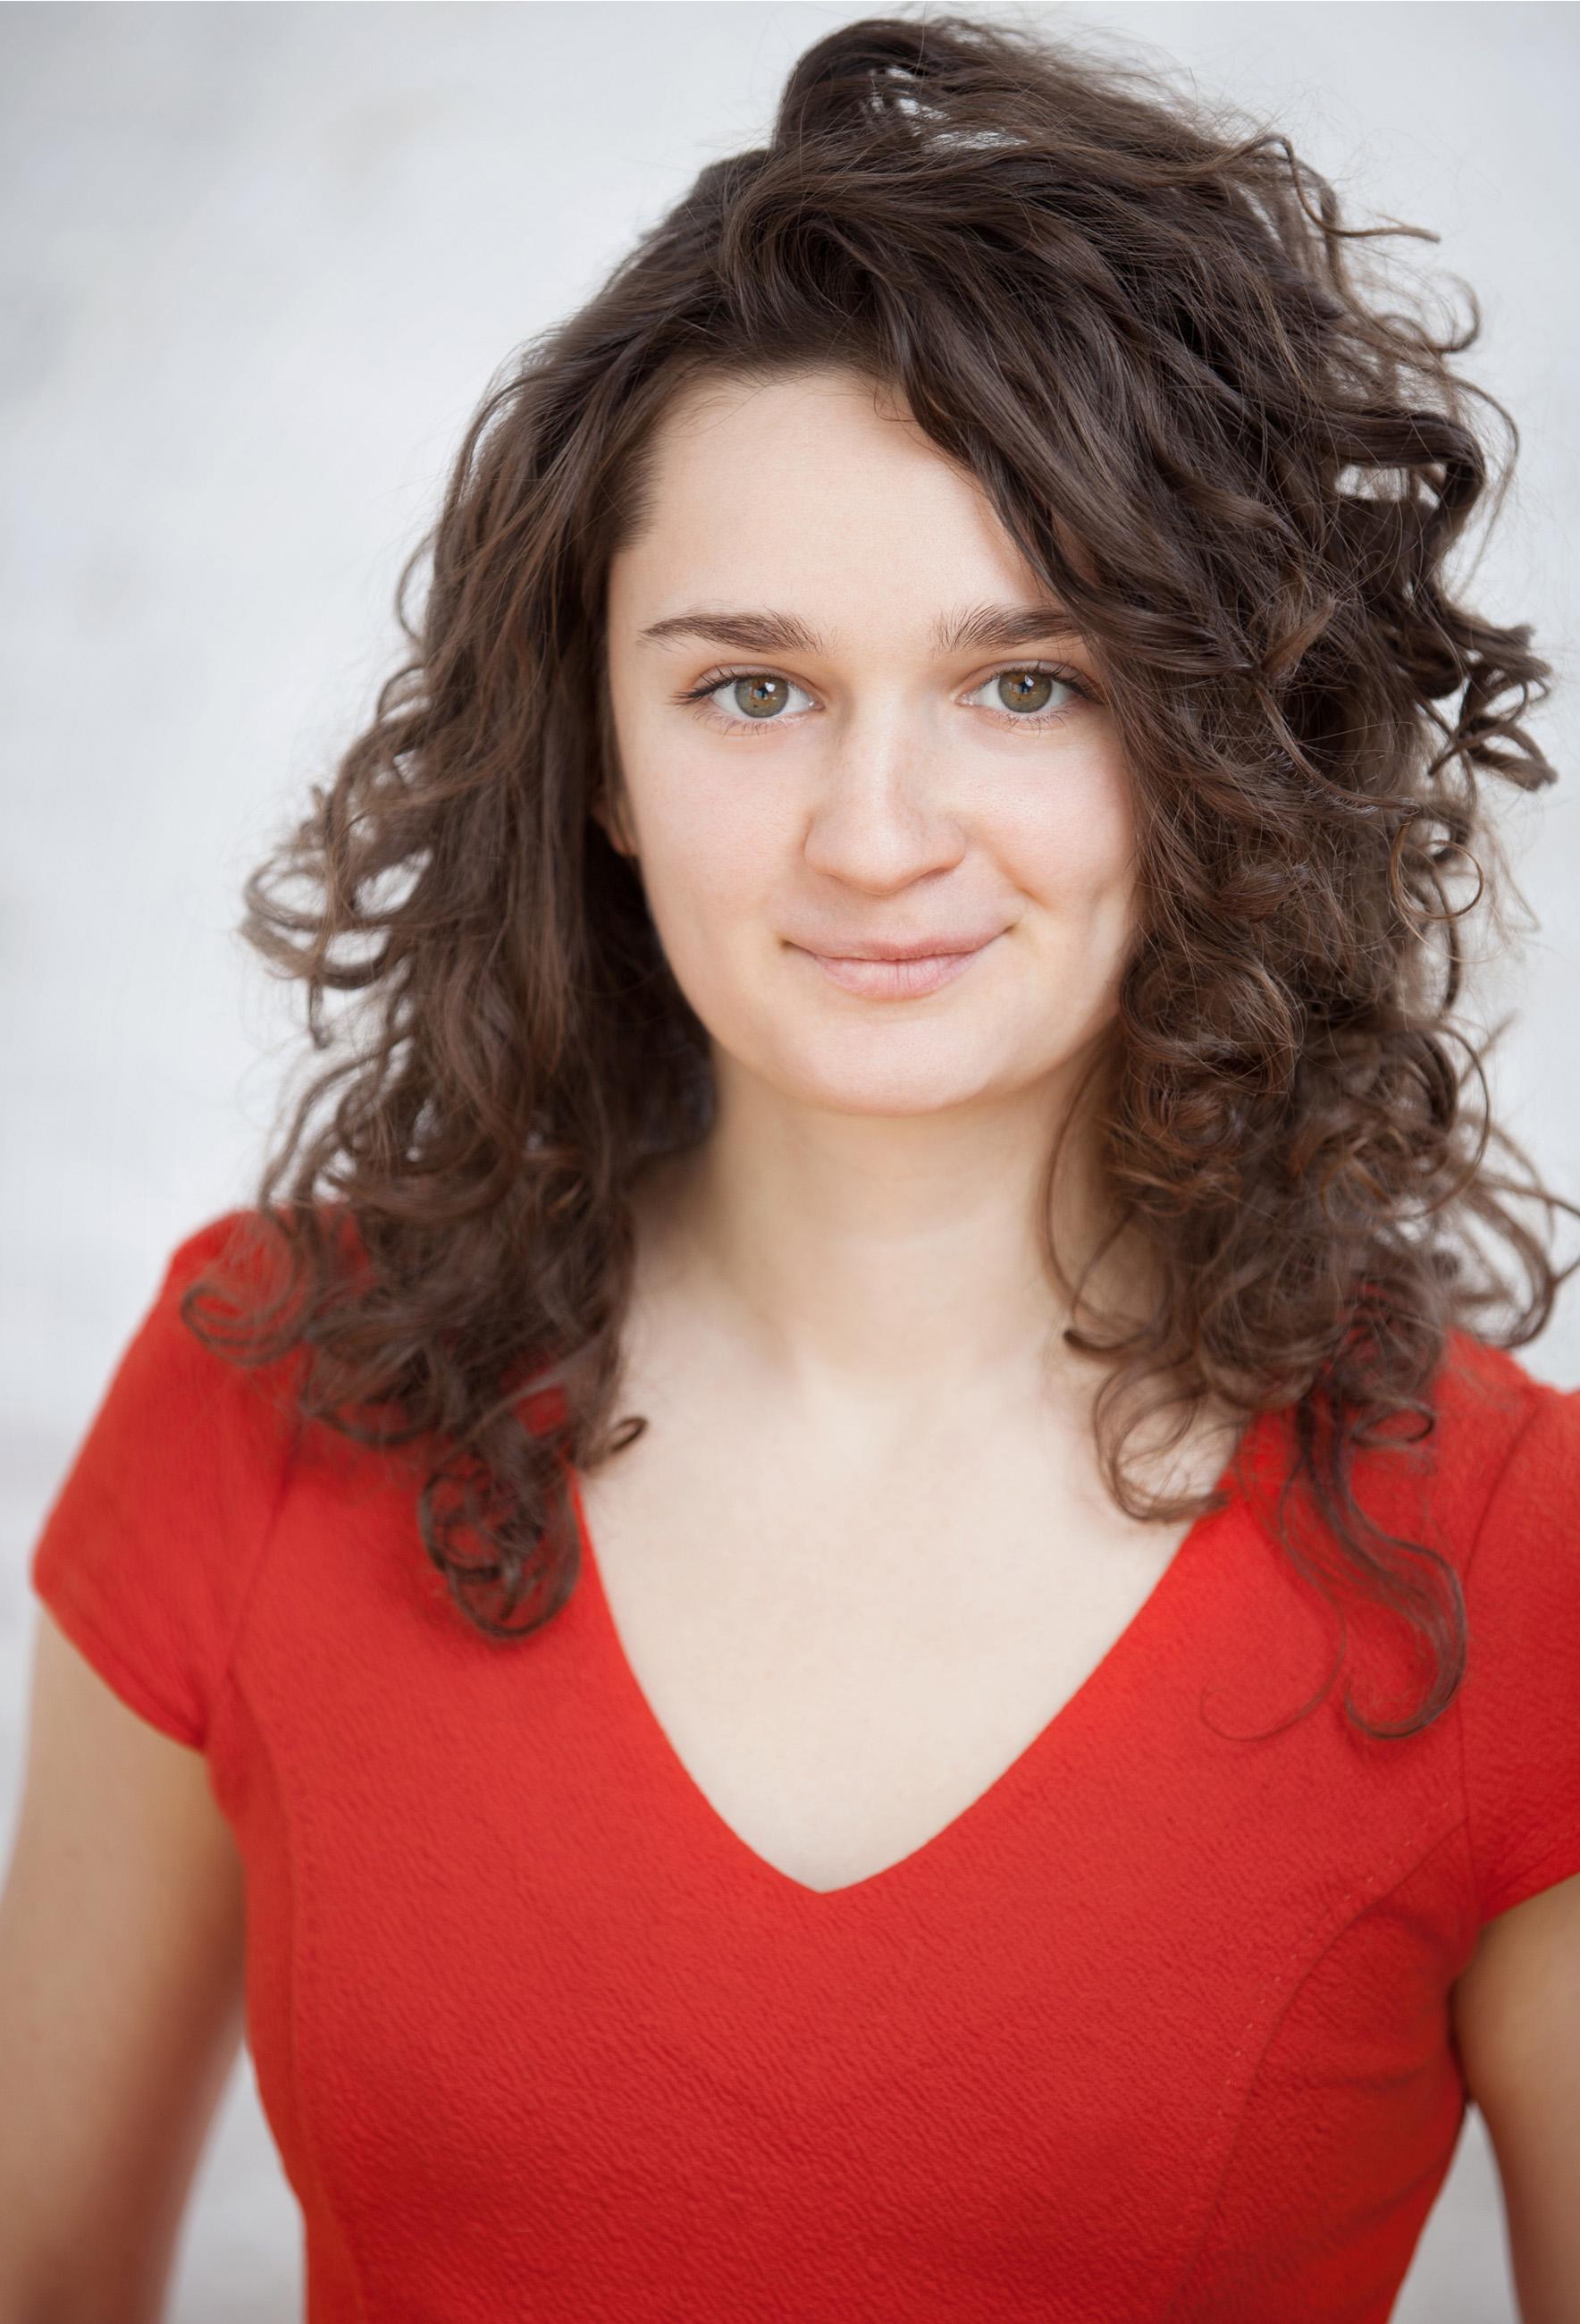 Shelby Rose Richardson (#25)